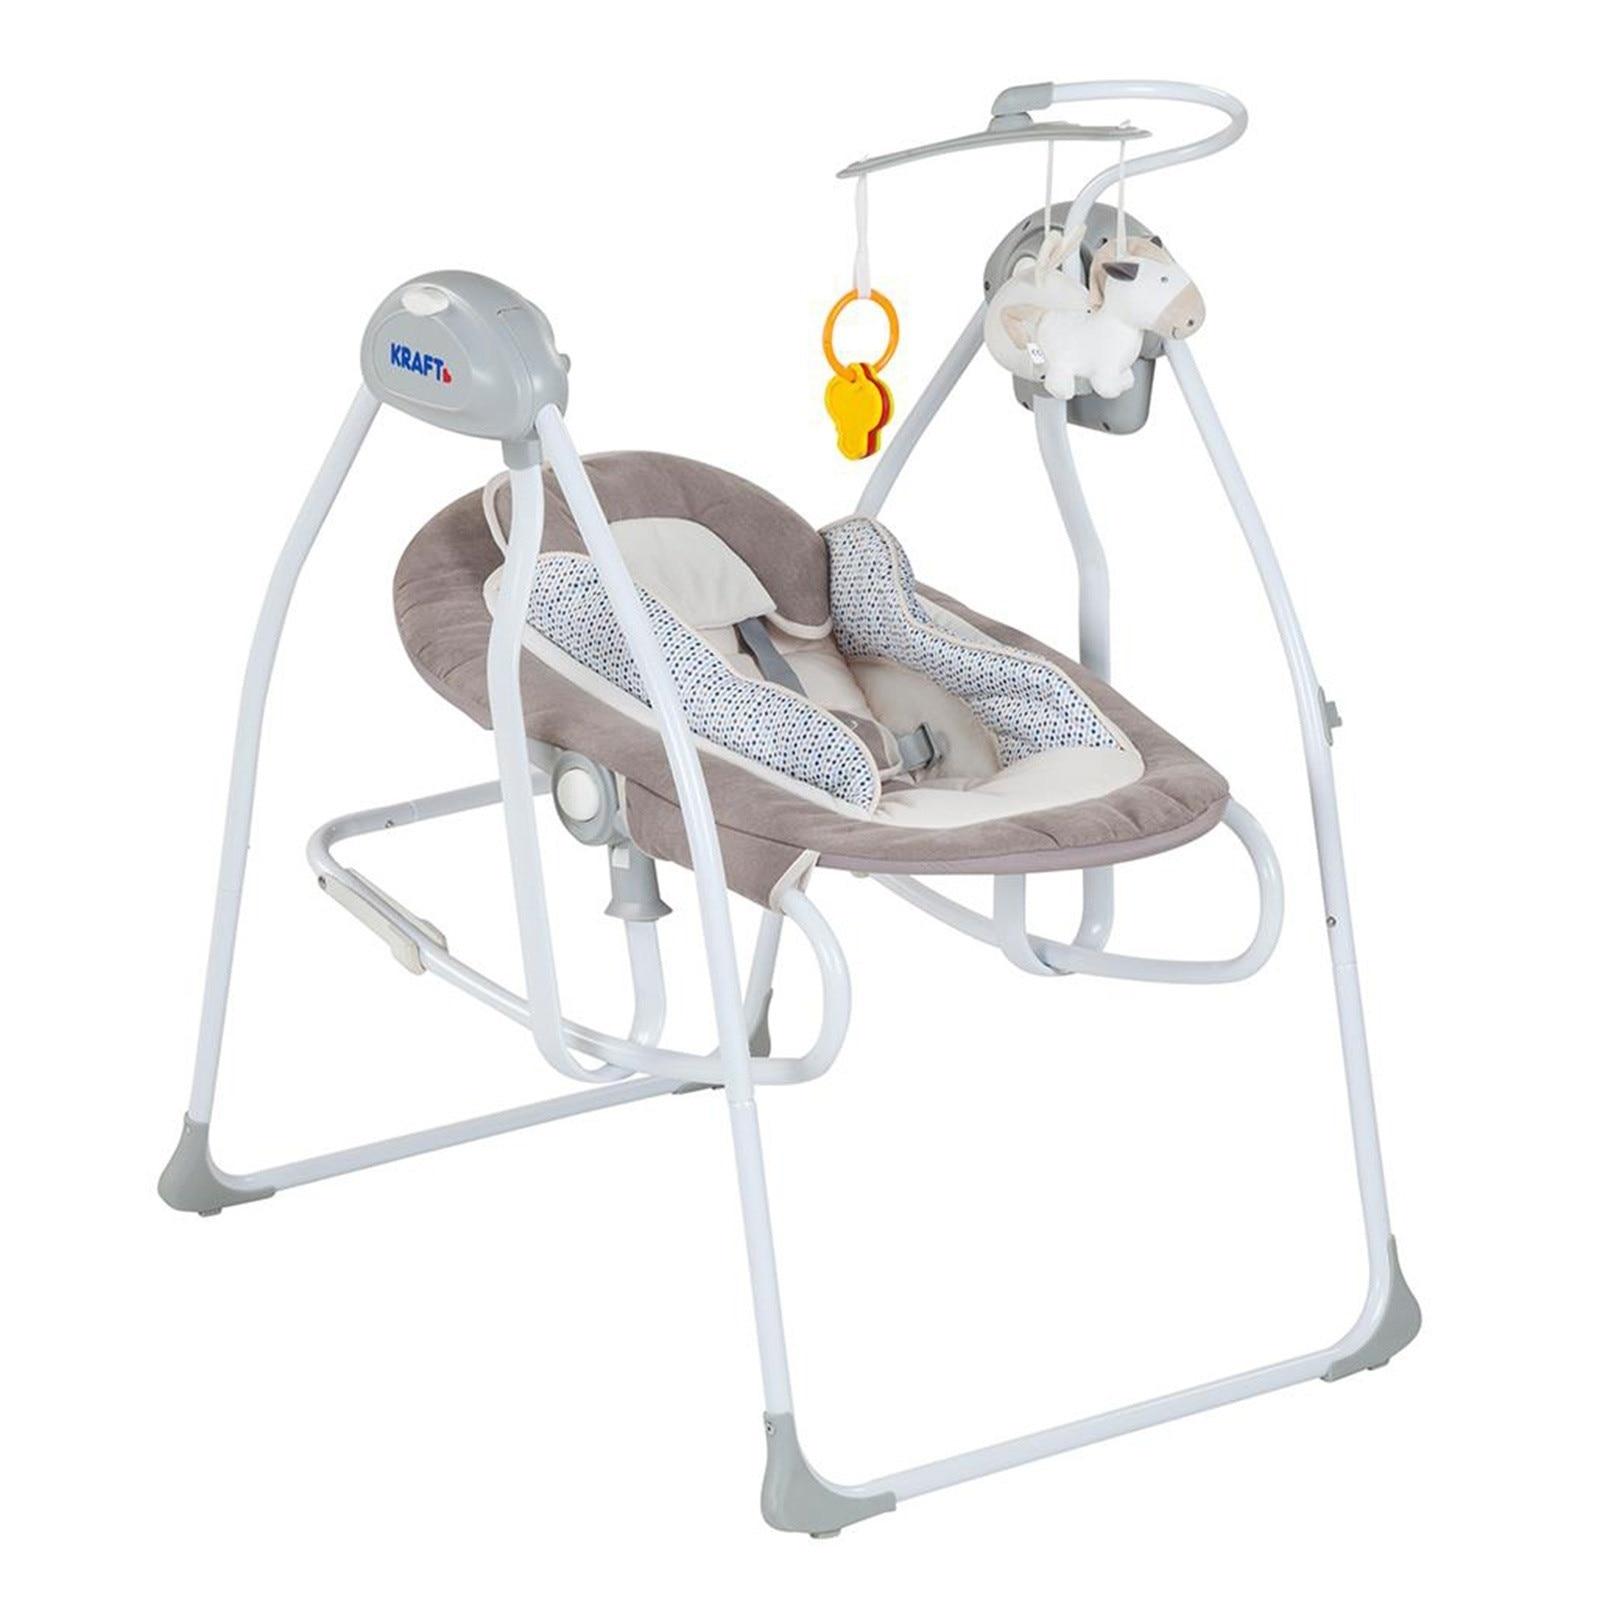 Ebebek Kraft Loft 2in1 Automatic Swing